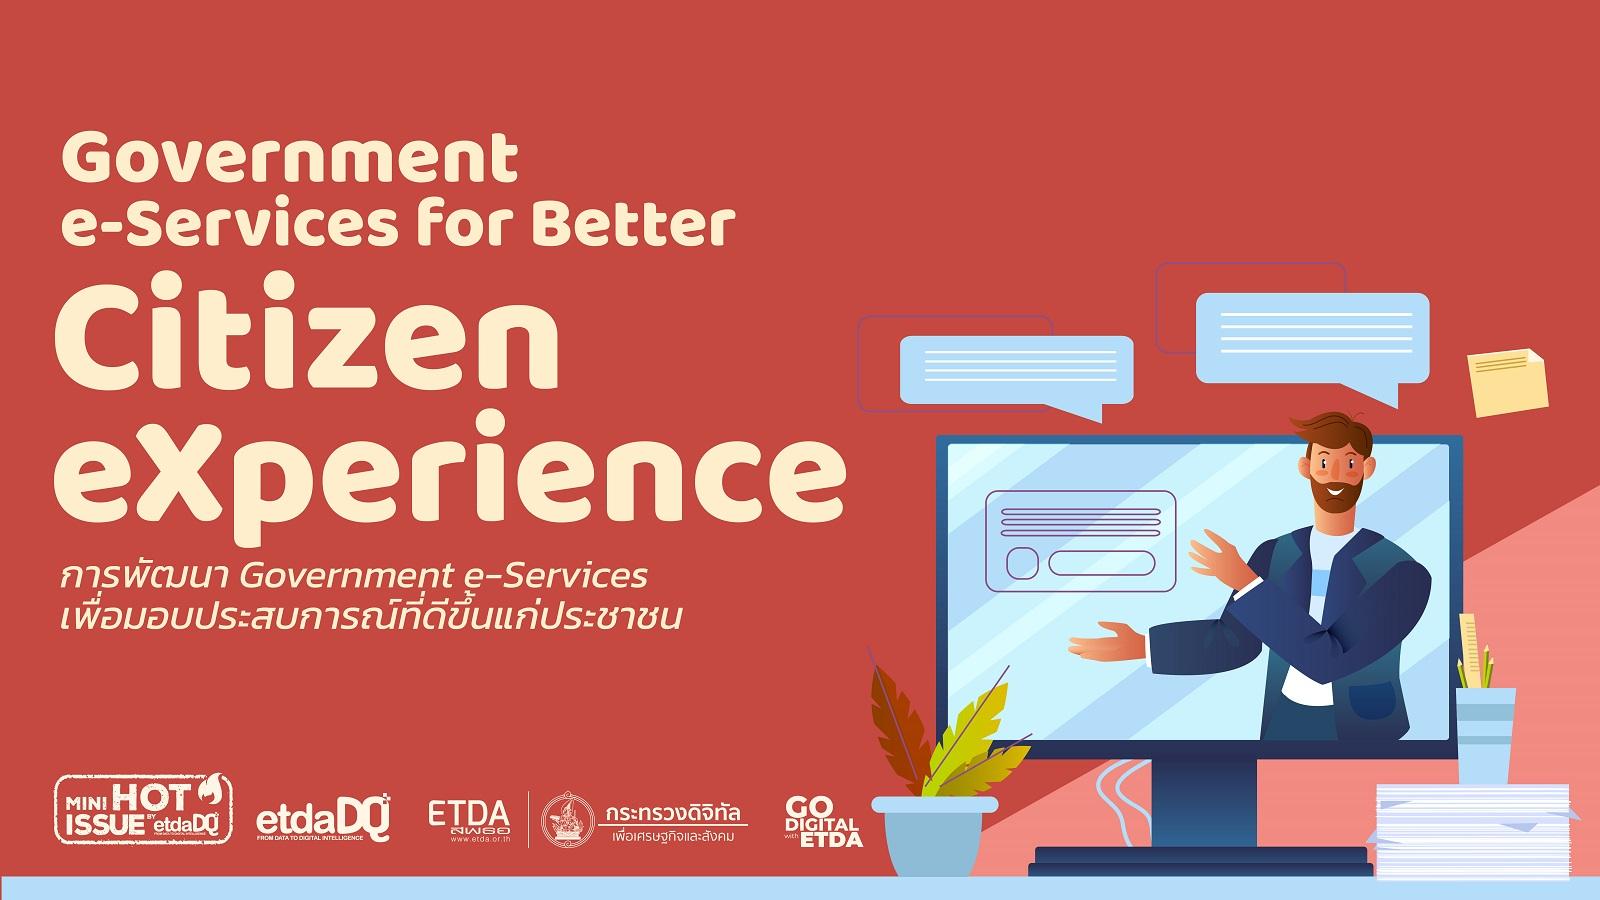 การพัฒนา Government e-Services เพื่อมอบประสบการณ์ที่ดีขึ้นแก่ประชาชน